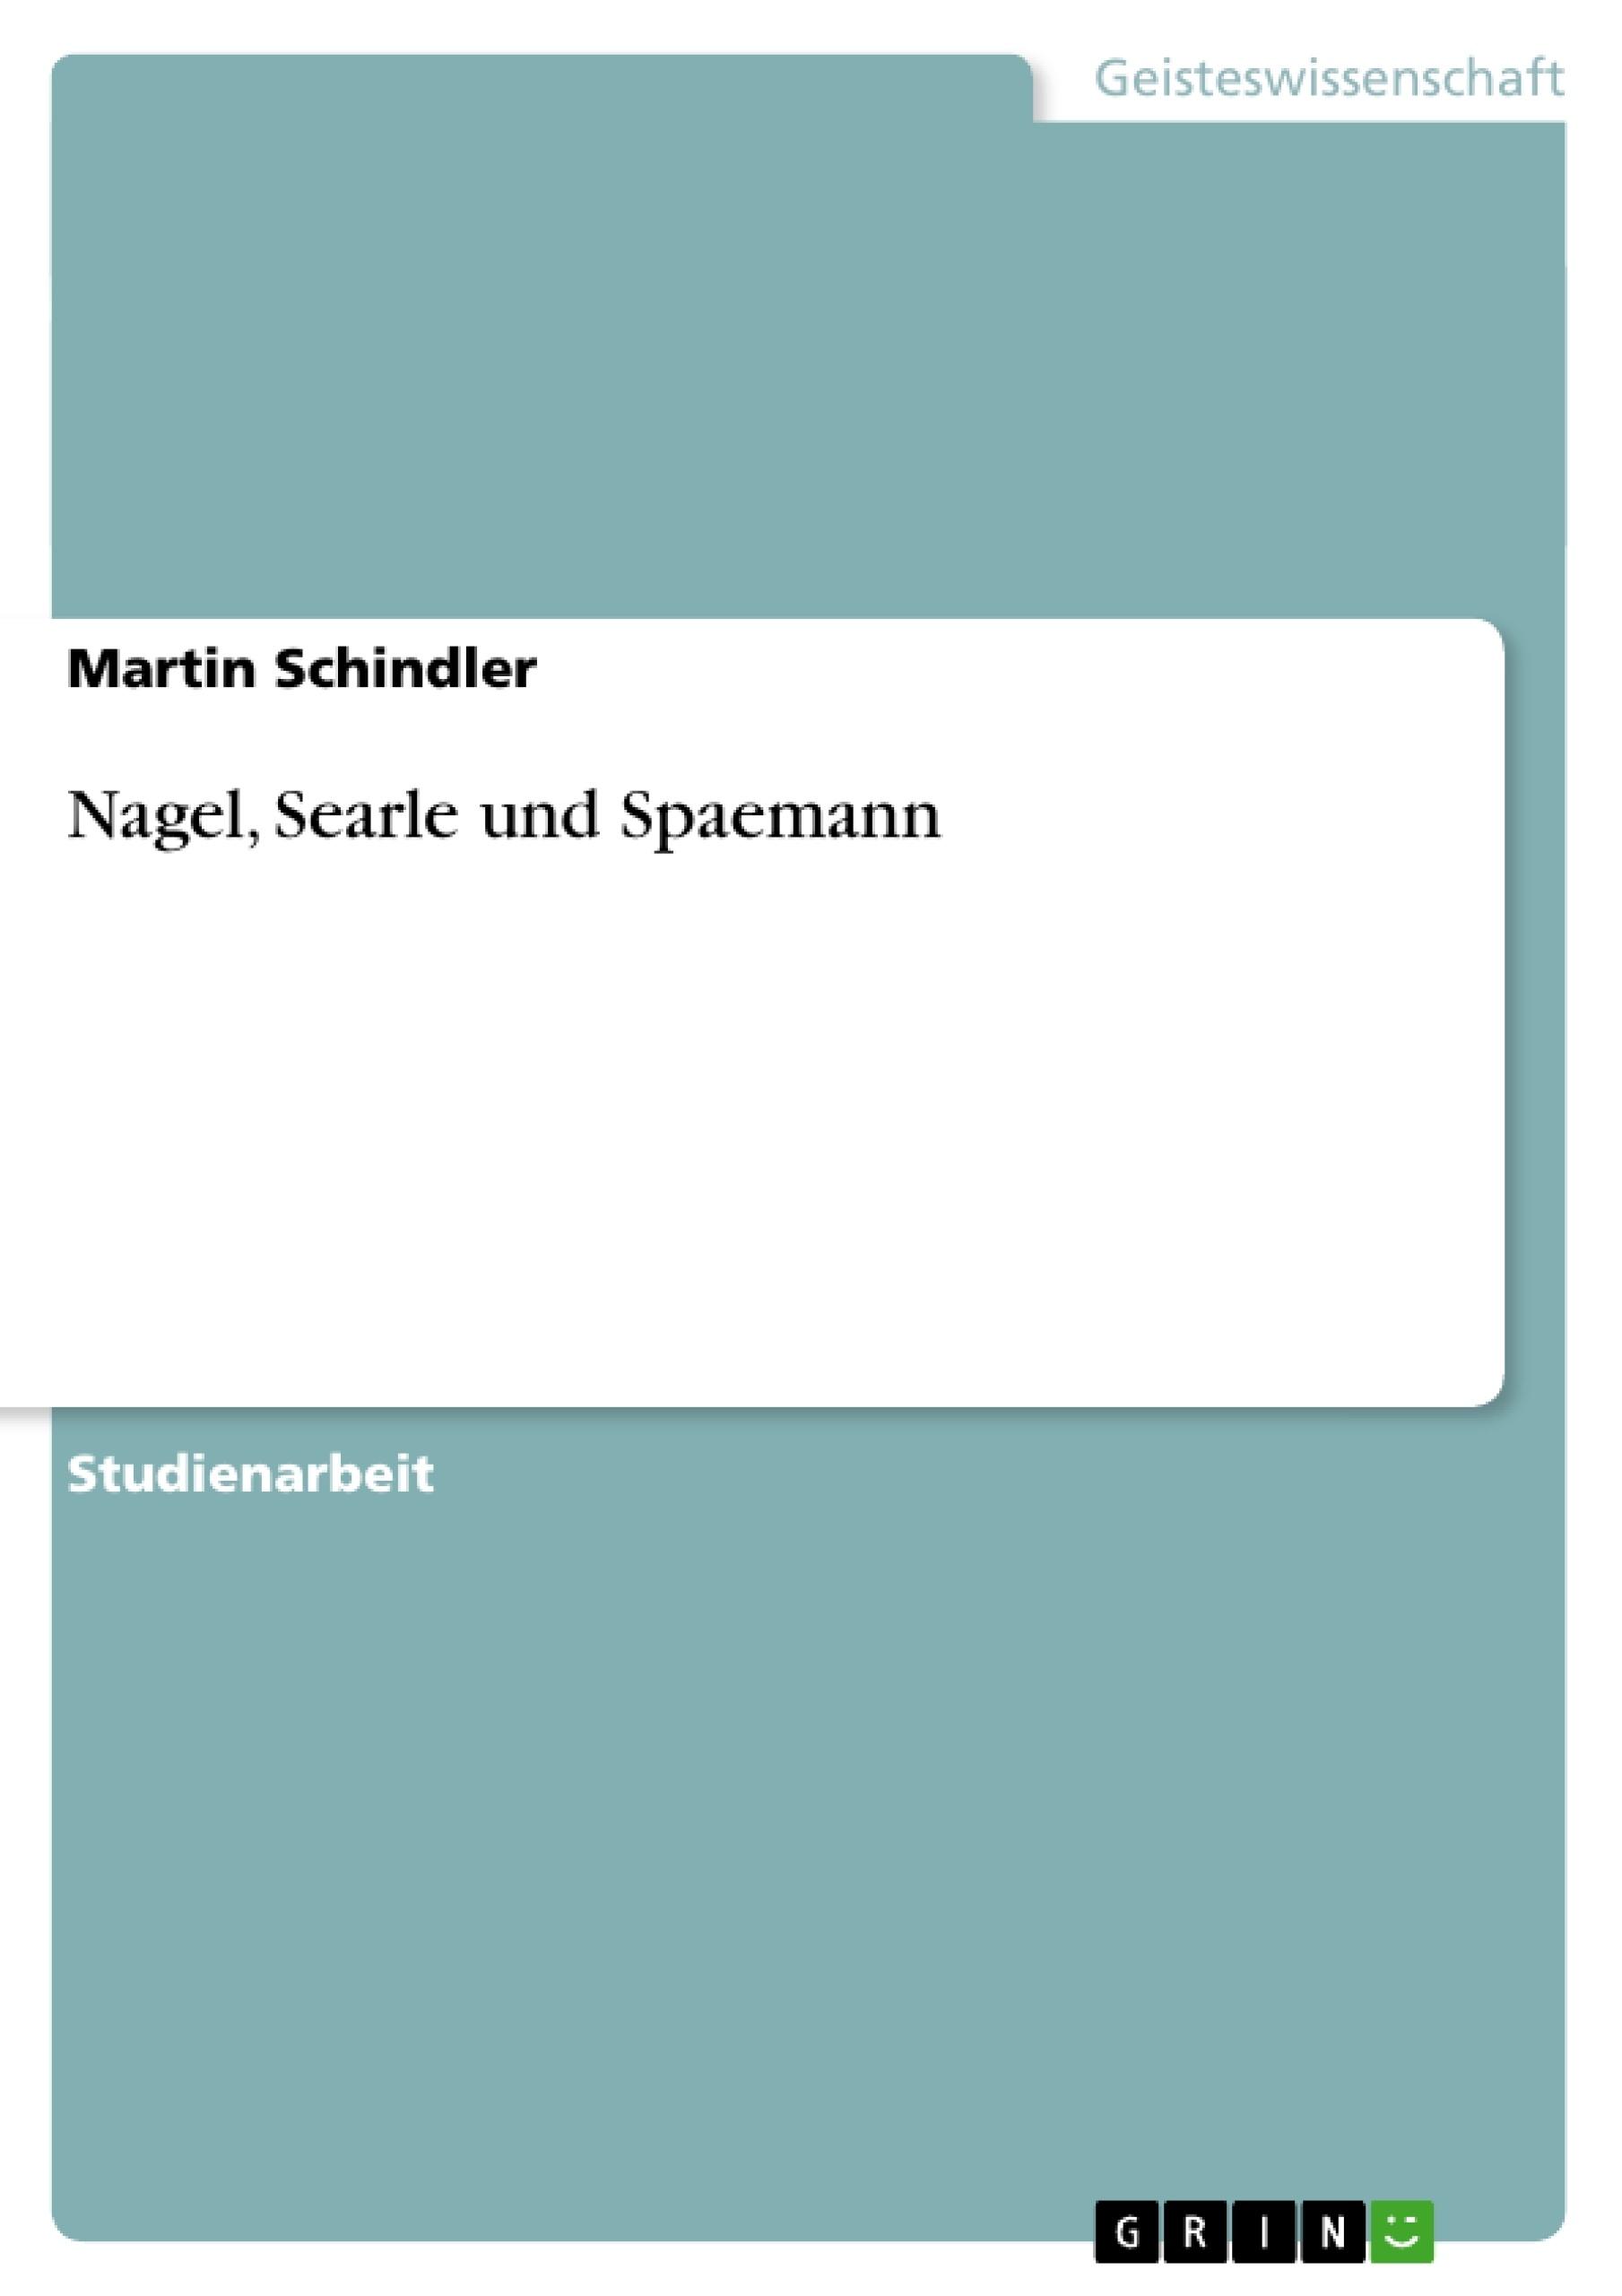 Titel: Nagel, Searle und Spaemann